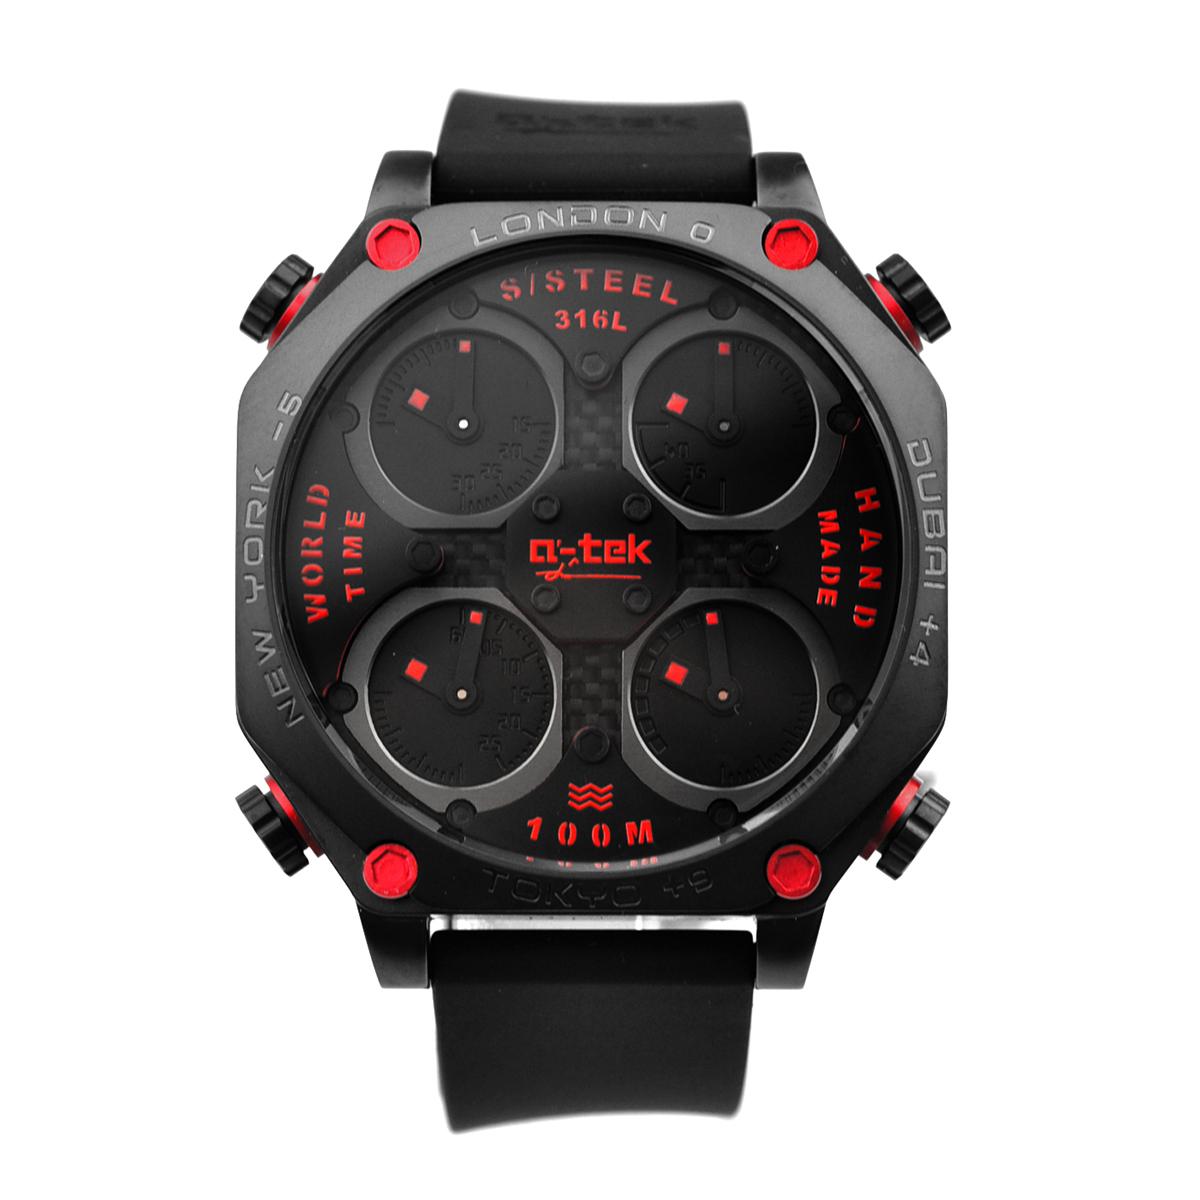 【残り1点】a-tek エイテック クォーツ 腕時計 メンズ ドイツ デザイナーズウォッチ [A1302R] 並行輸入品 メーカー保証12ヵ月 純正ケース付き